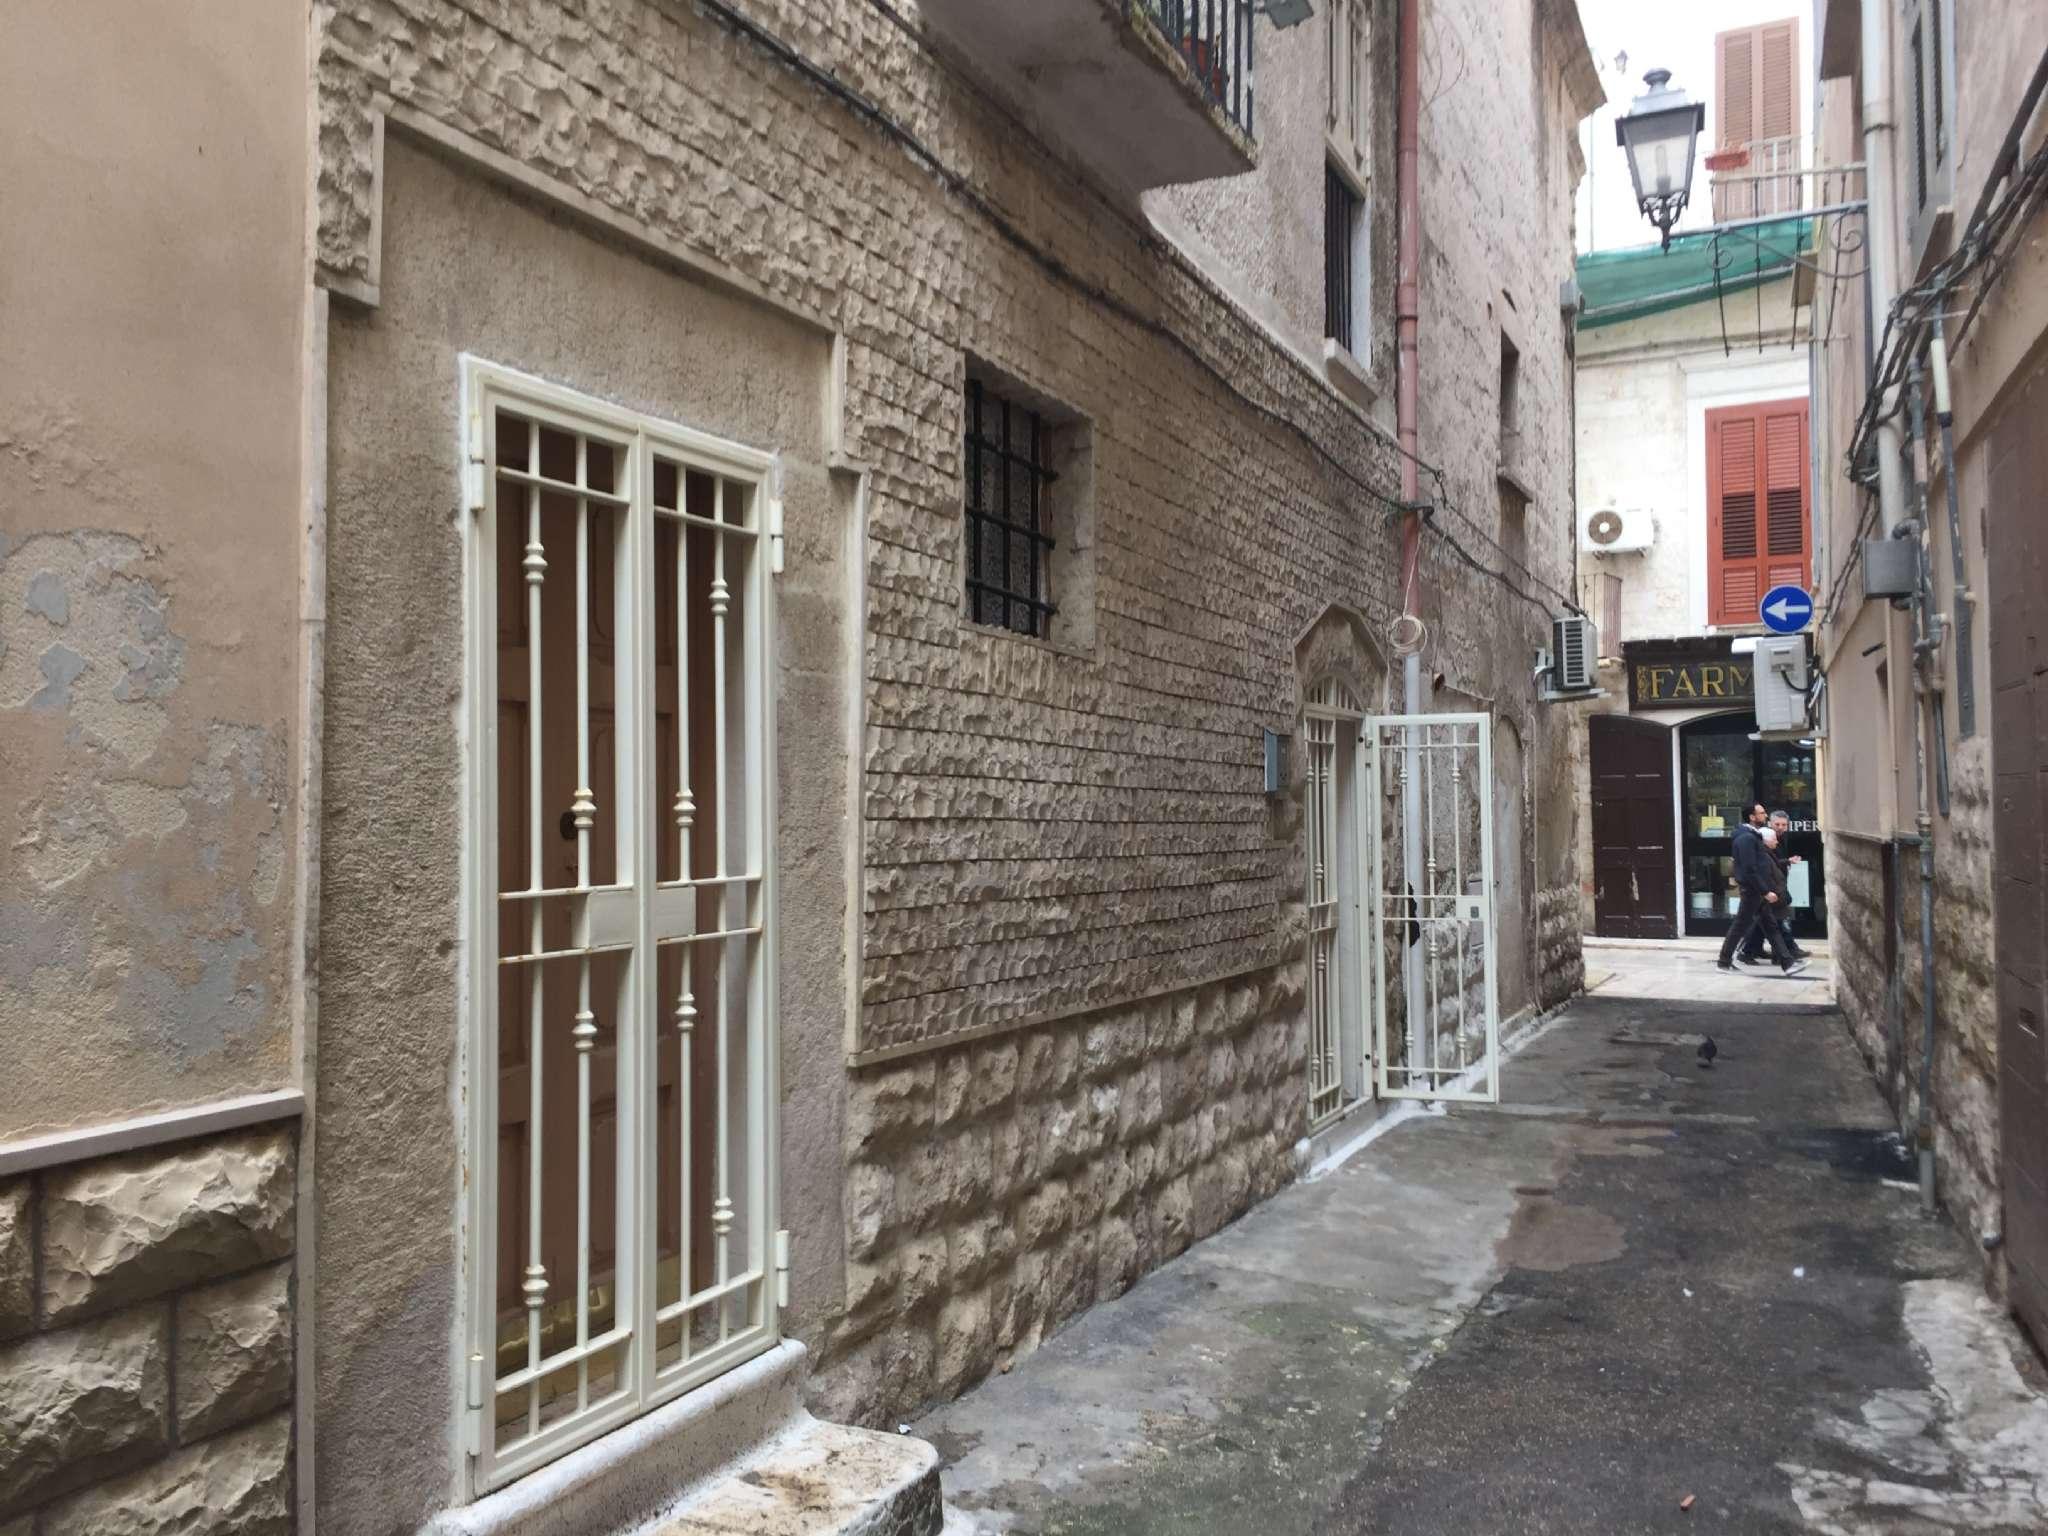 Soluzione Indipendente in vendita a Modugno, 2 locali, prezzo € 65.000 | Cambio Casa.it